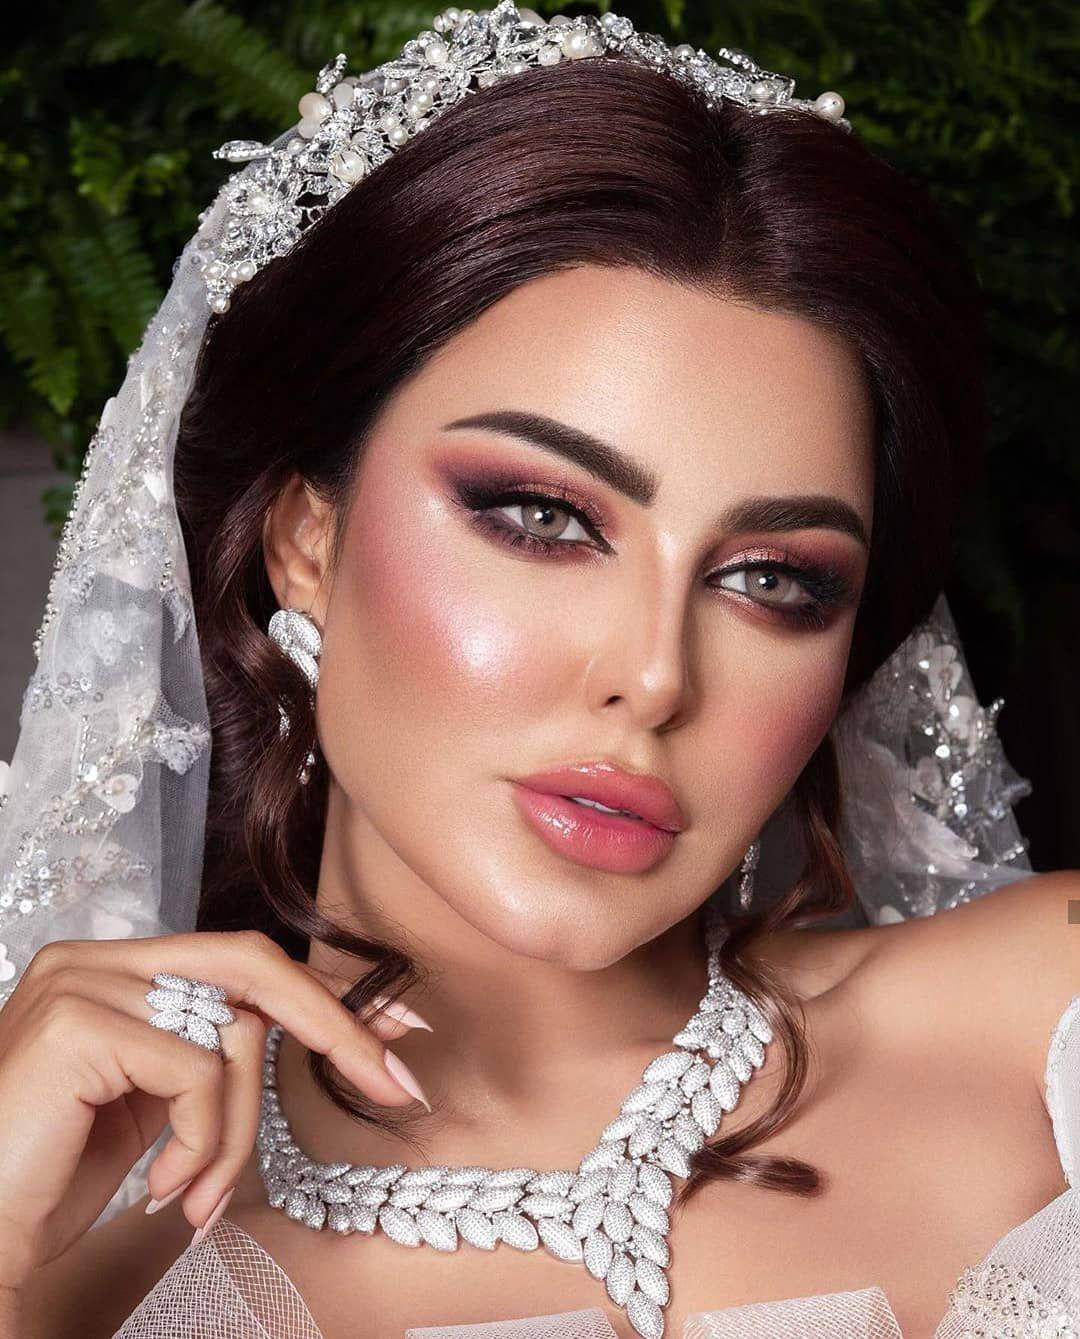 19 Likes 0 Comments Her Ever After Hereverafterdesigns On Instagram مكياج عروس عرايس خليجي B Bridal Makeup Wedding Glamorous Makeup Bridal Makeup